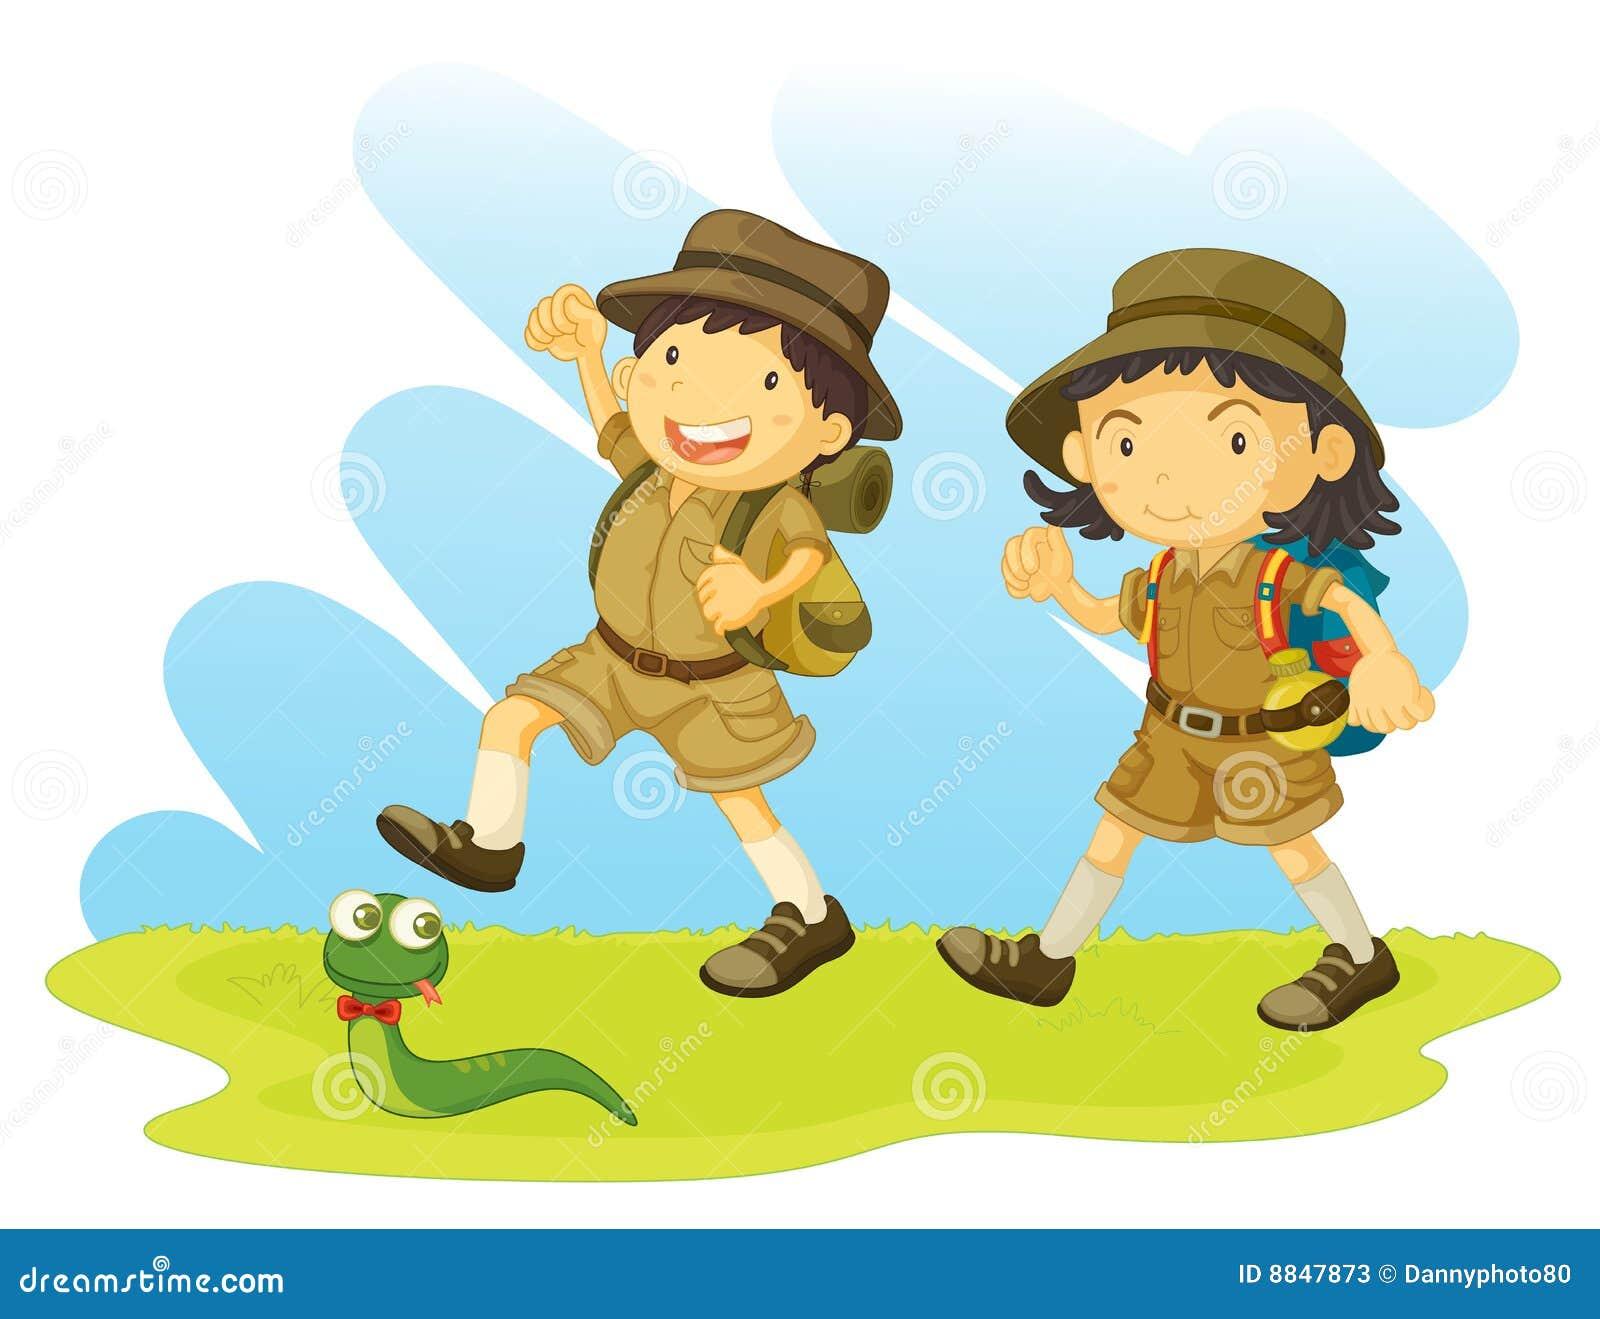 Jongen En Padvindster Vector Illustratie Afbeelding